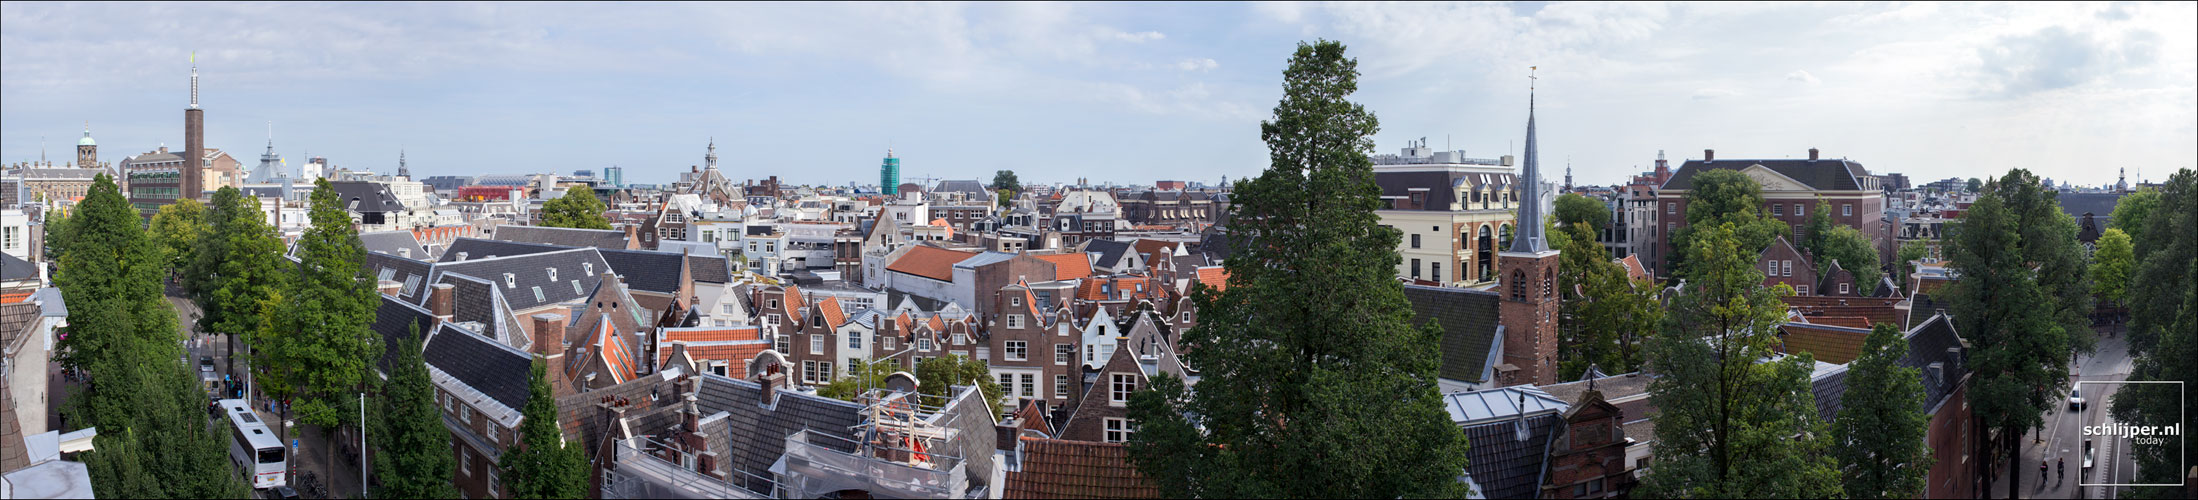 Nederland, Amsterdam, 21september 2016